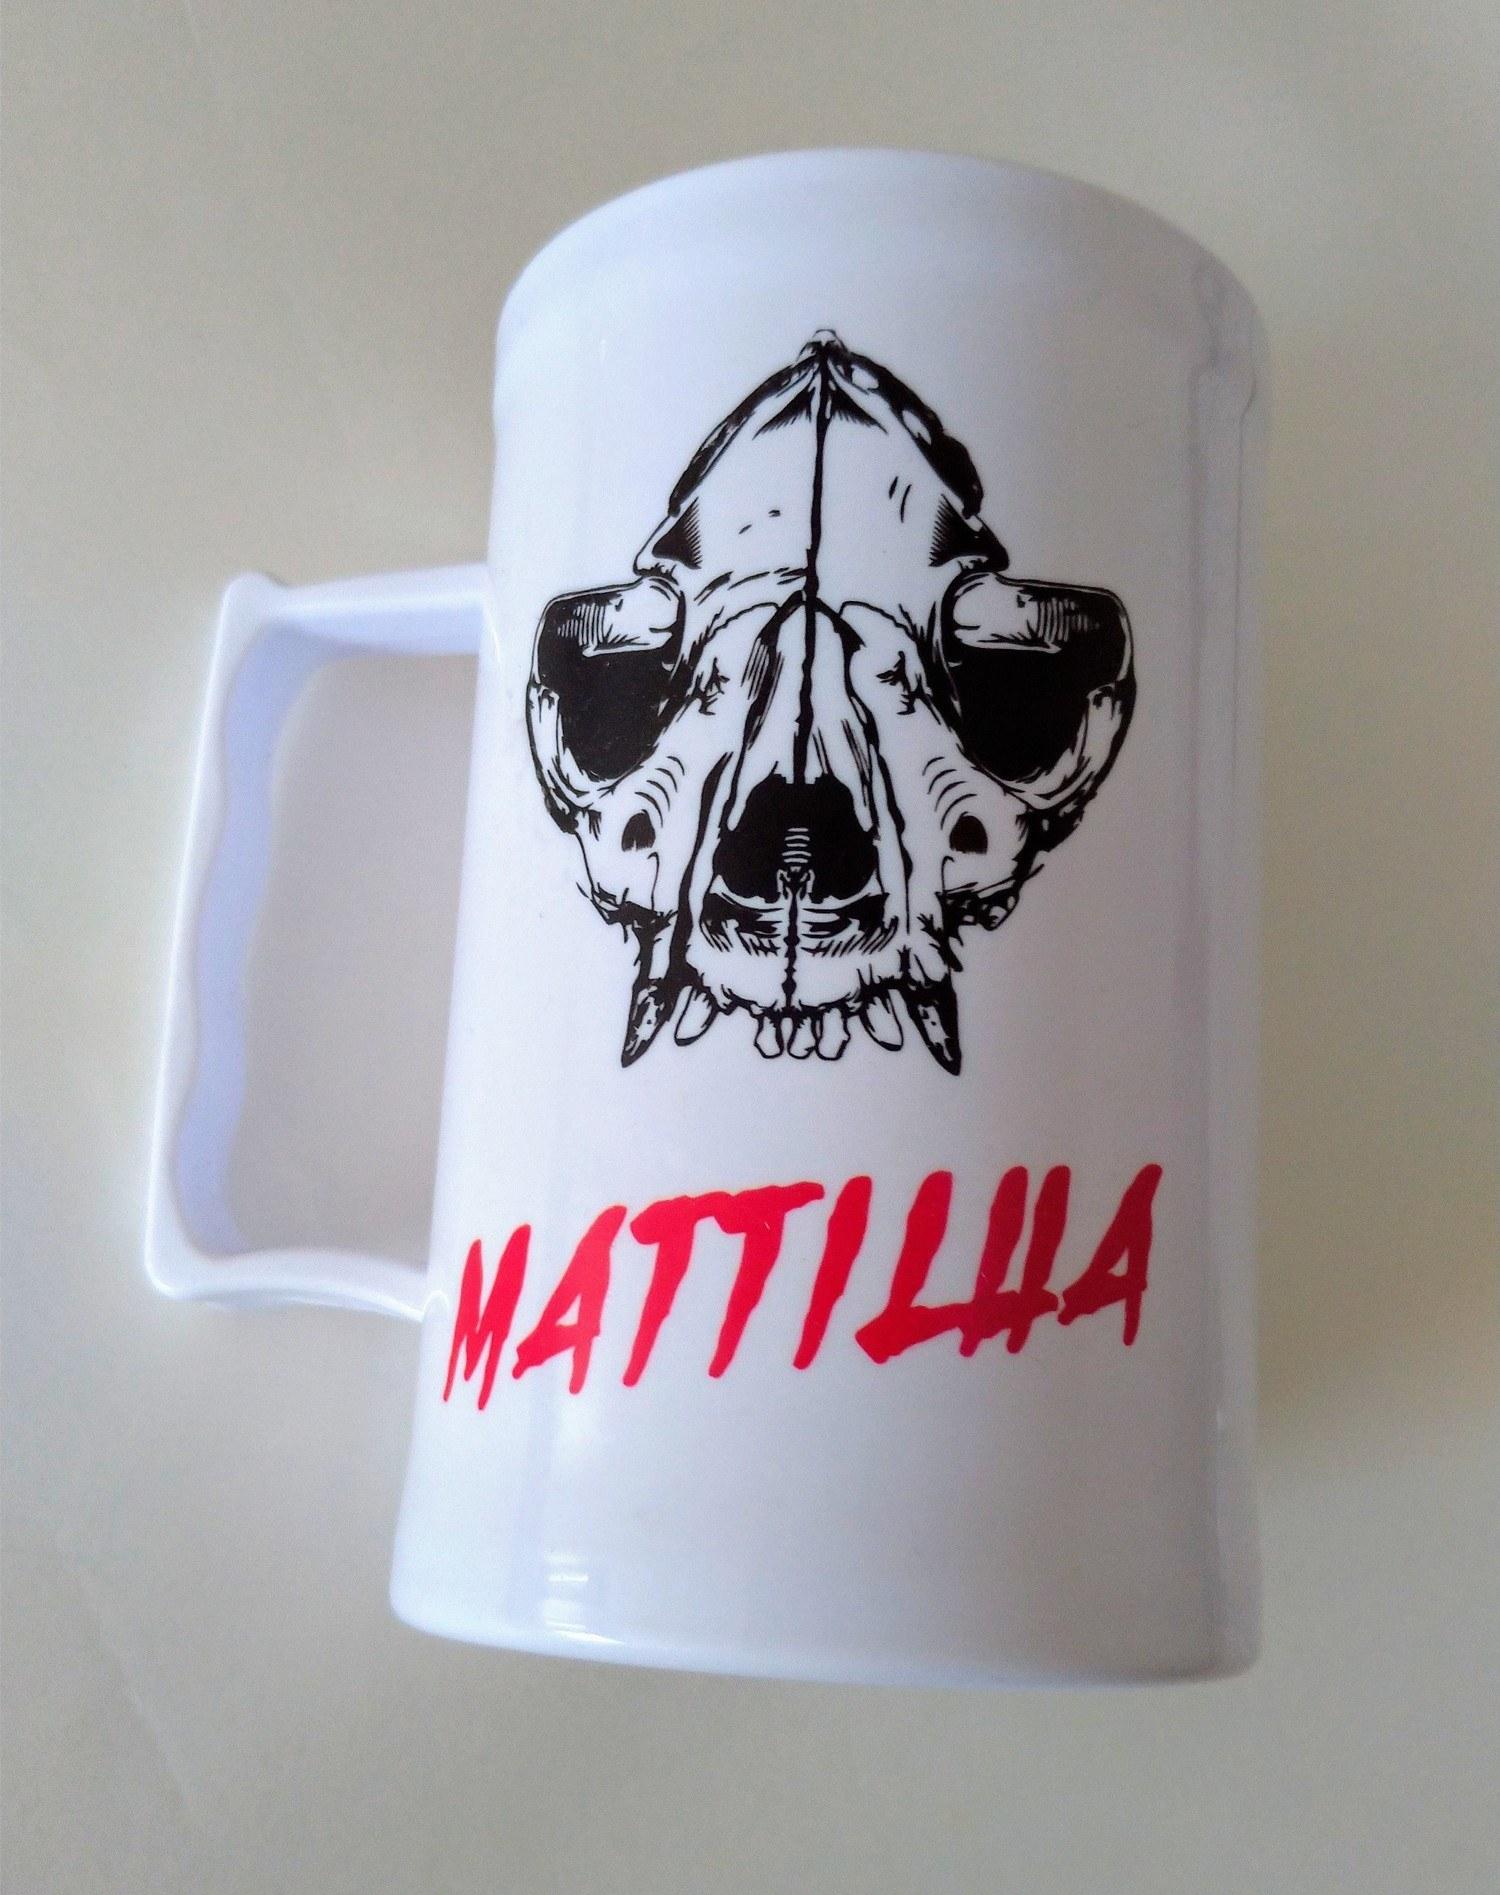 Caneca Mattilha Caveirão